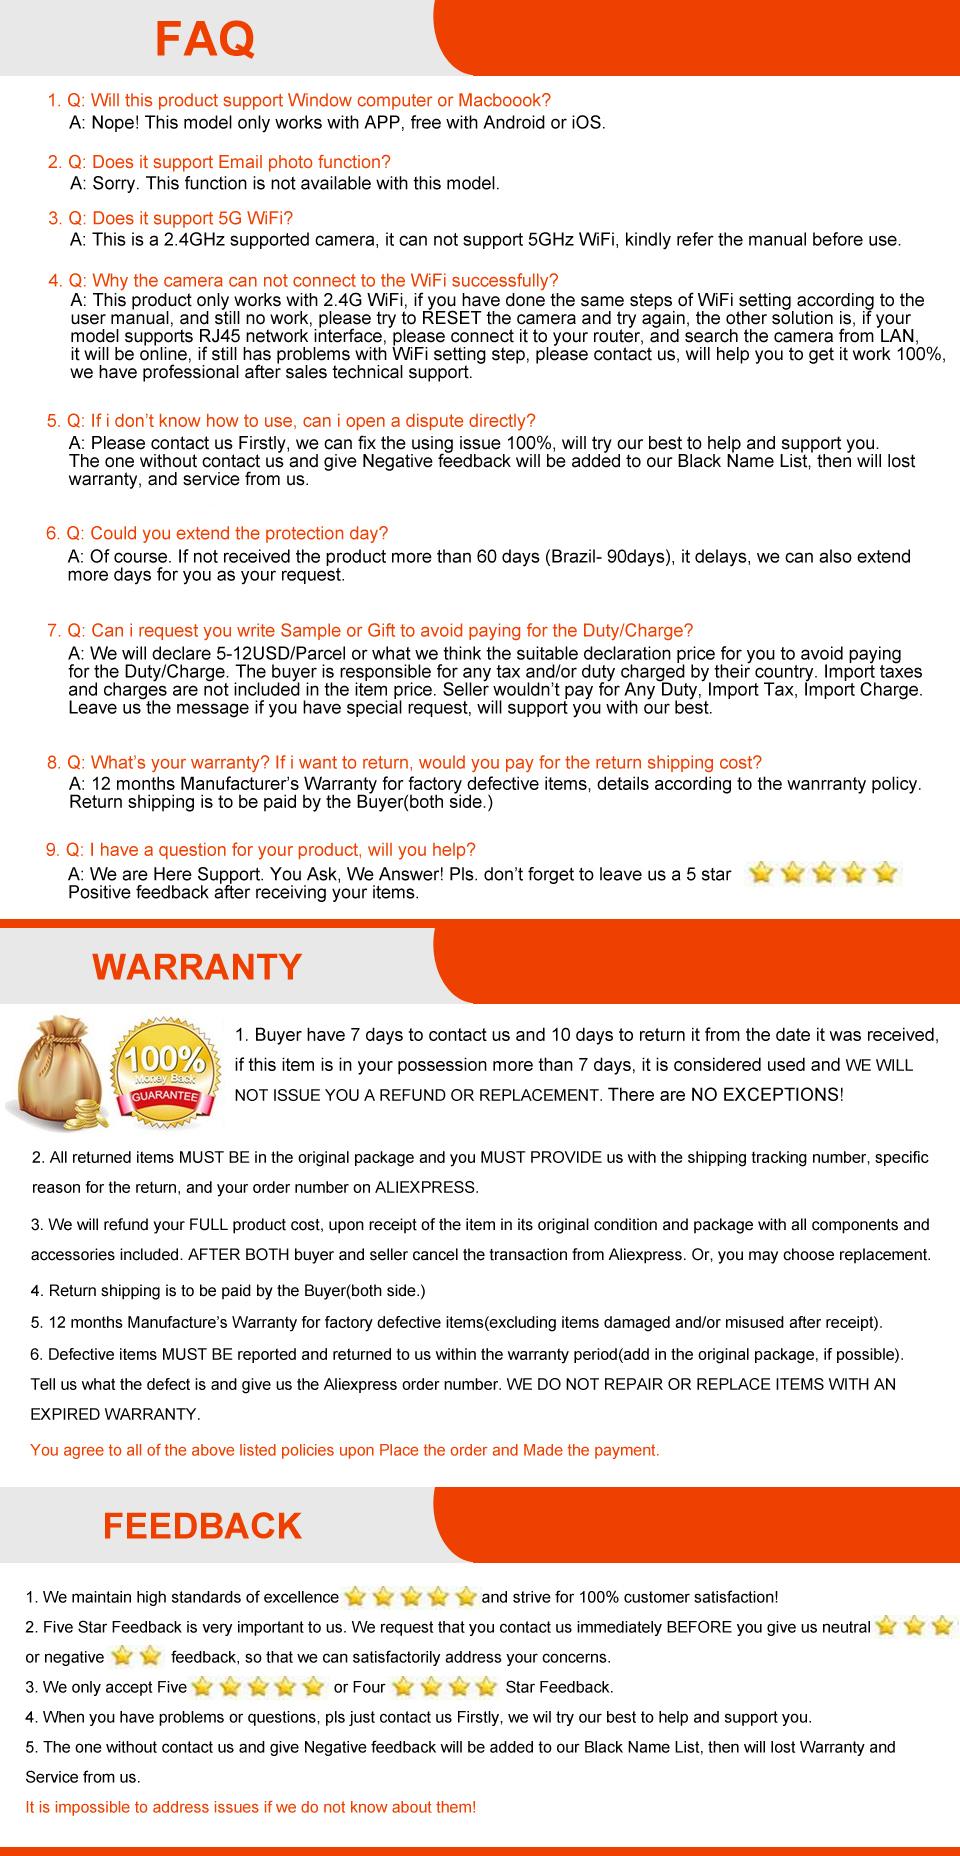 YOOSEE V380 BATTERY-FAQ WAR FEEDBACK